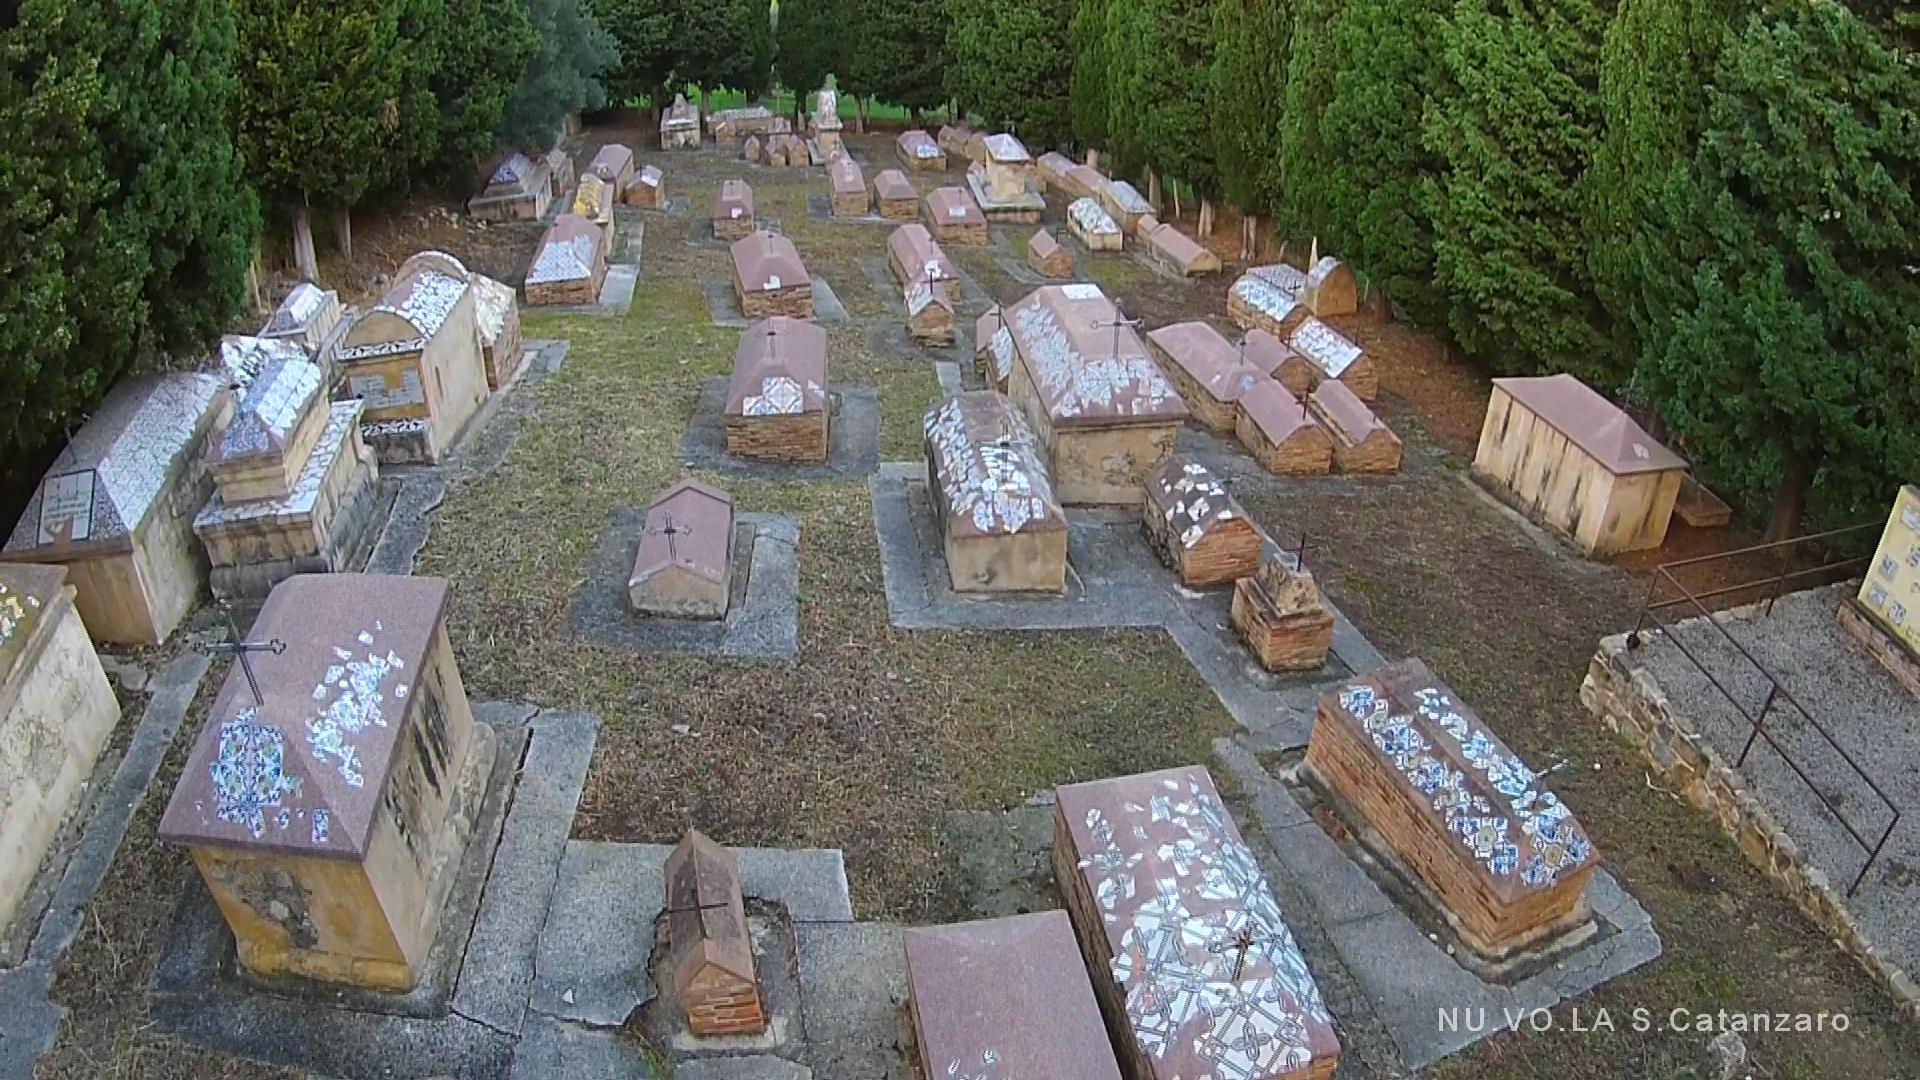 Cimitero vecchio comune di santo stefano di camastra - Santo stefano di camastra piastrelle ...